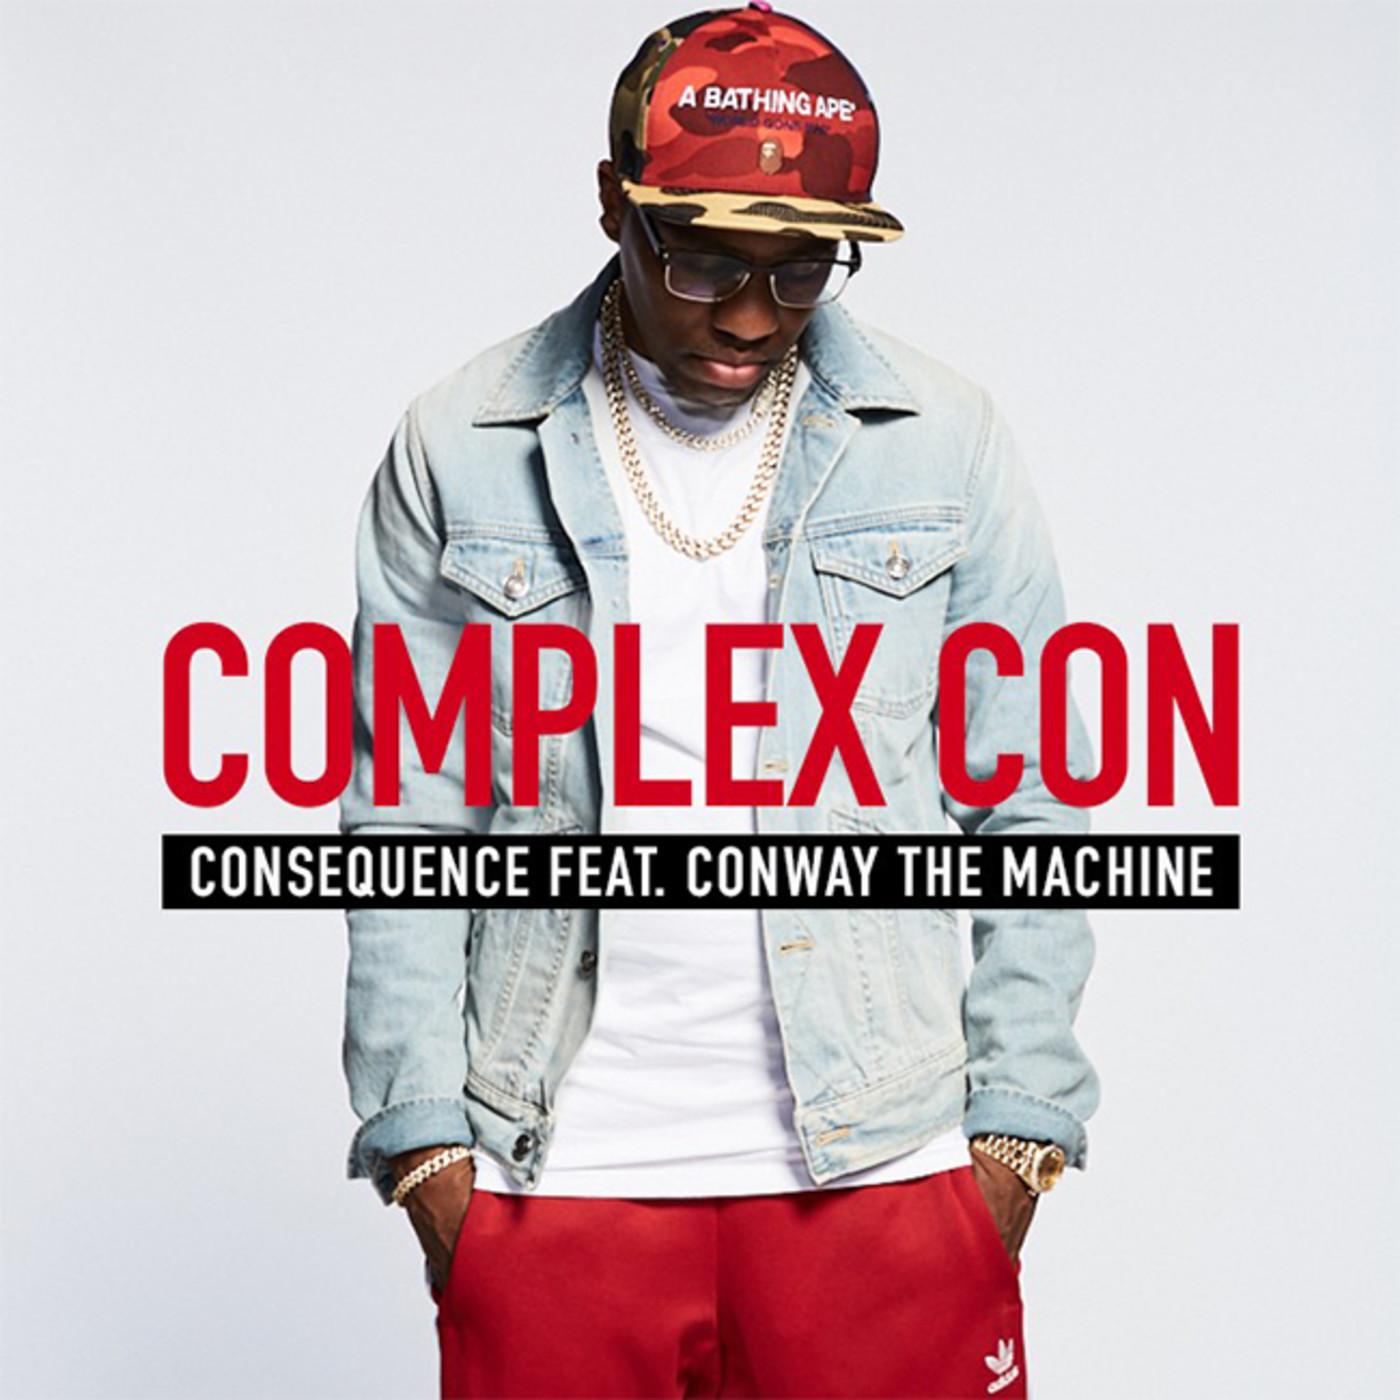 Complex Con